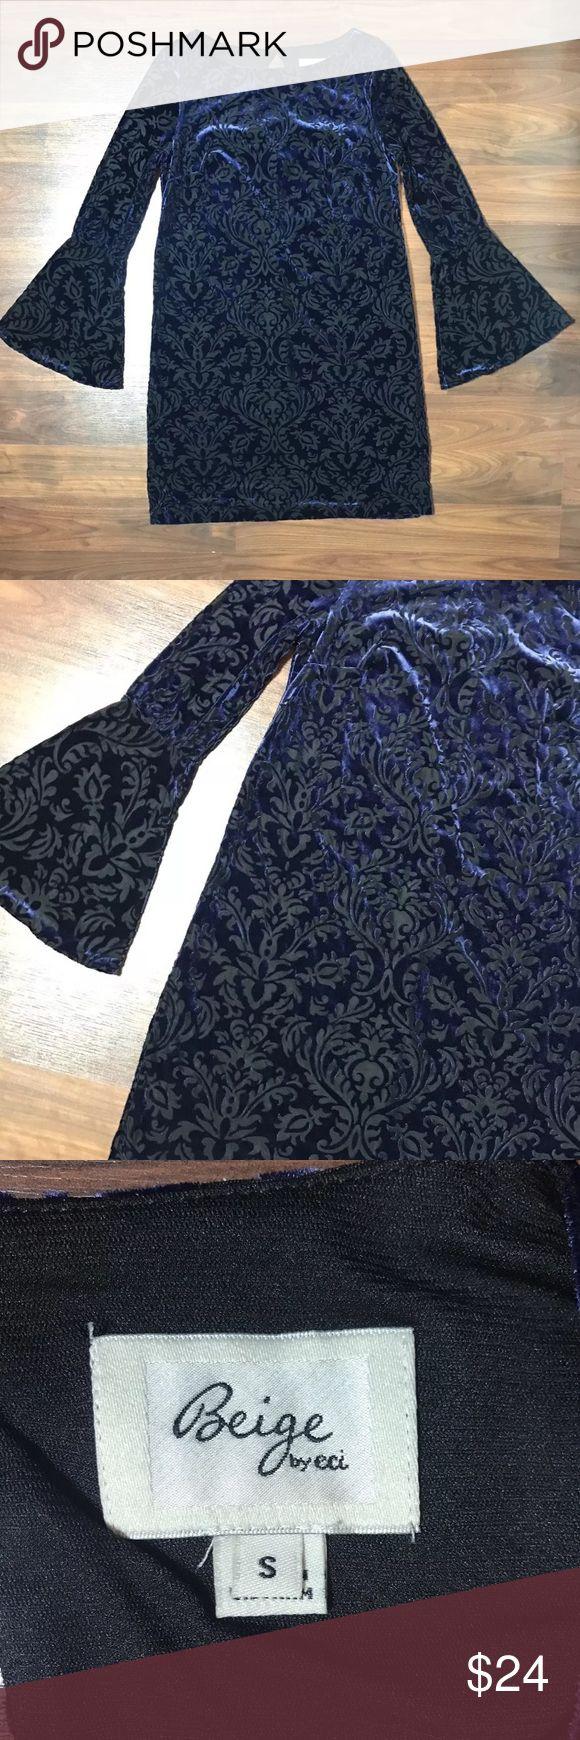 """Violet Velvet Filigree Victorian Bell Sleeve Dress Beige by ECI Violet Purple Velvet Filigree Victorian Print Bell Sleeve Boat Neck Shift Dress S  Measurements: 36"""" Bust 34"""" Length ECI Dresses"""